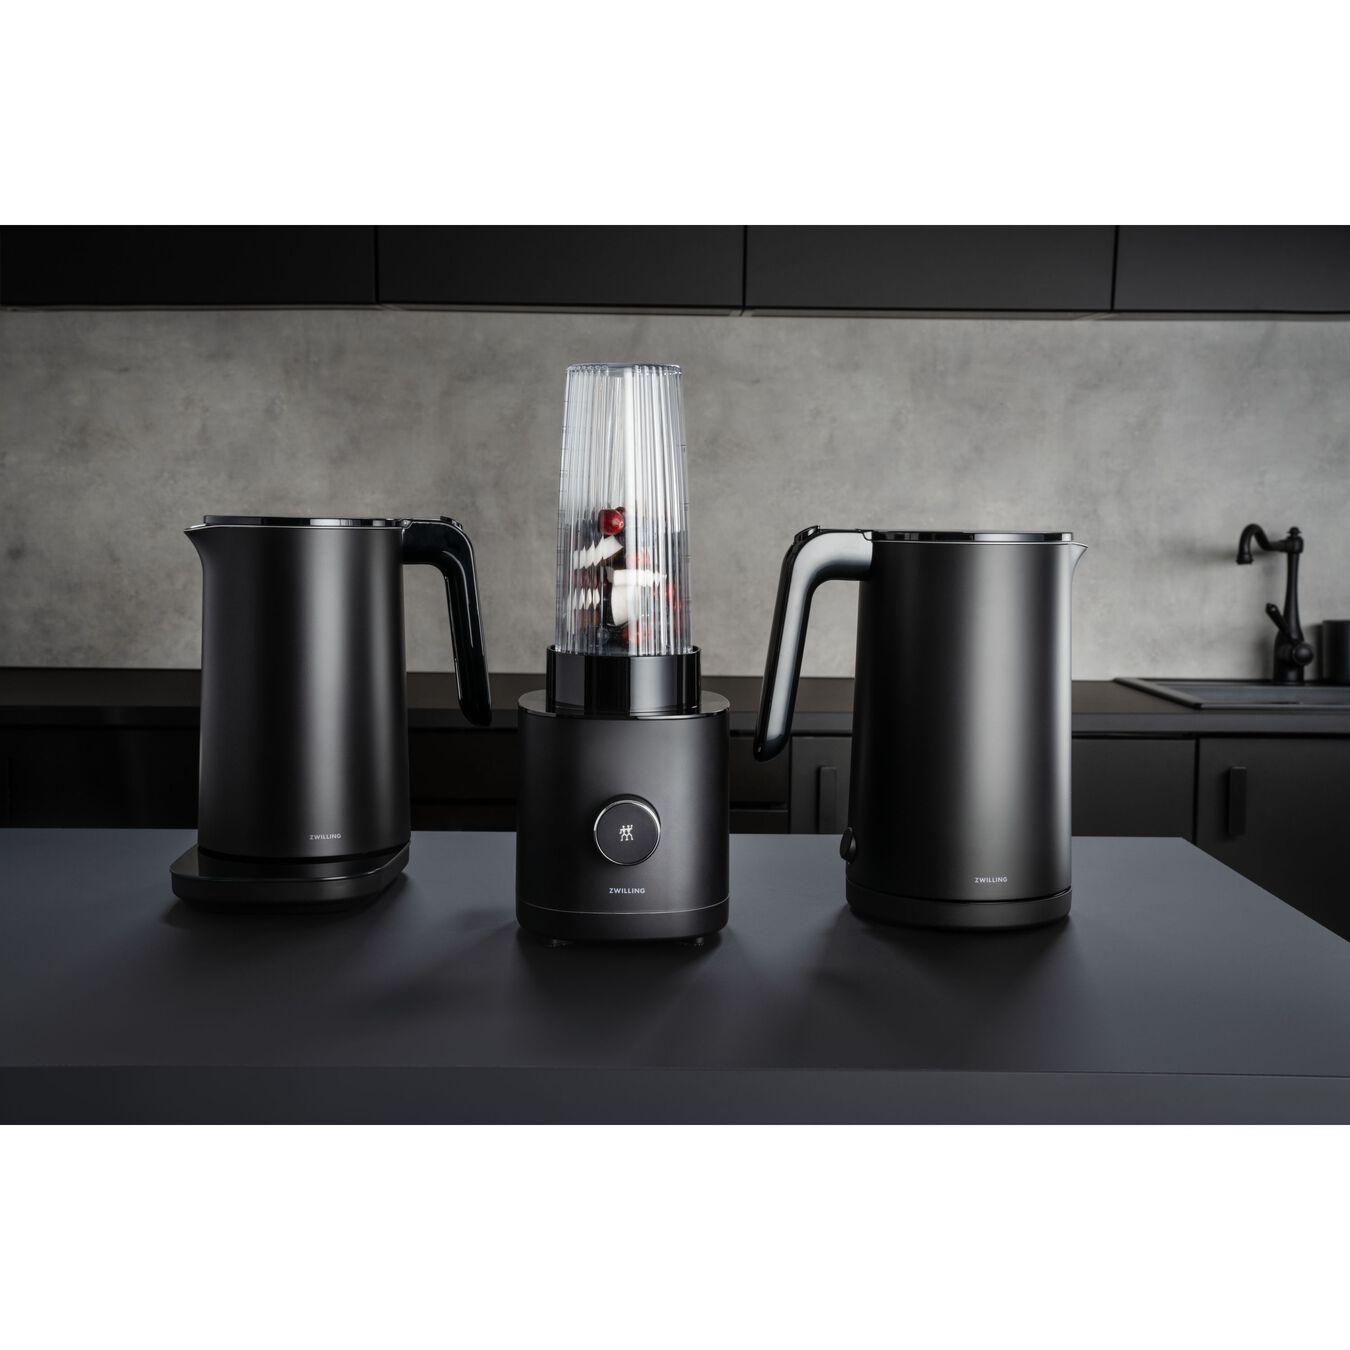 Personal blender - AC Motor, nero,,large 4